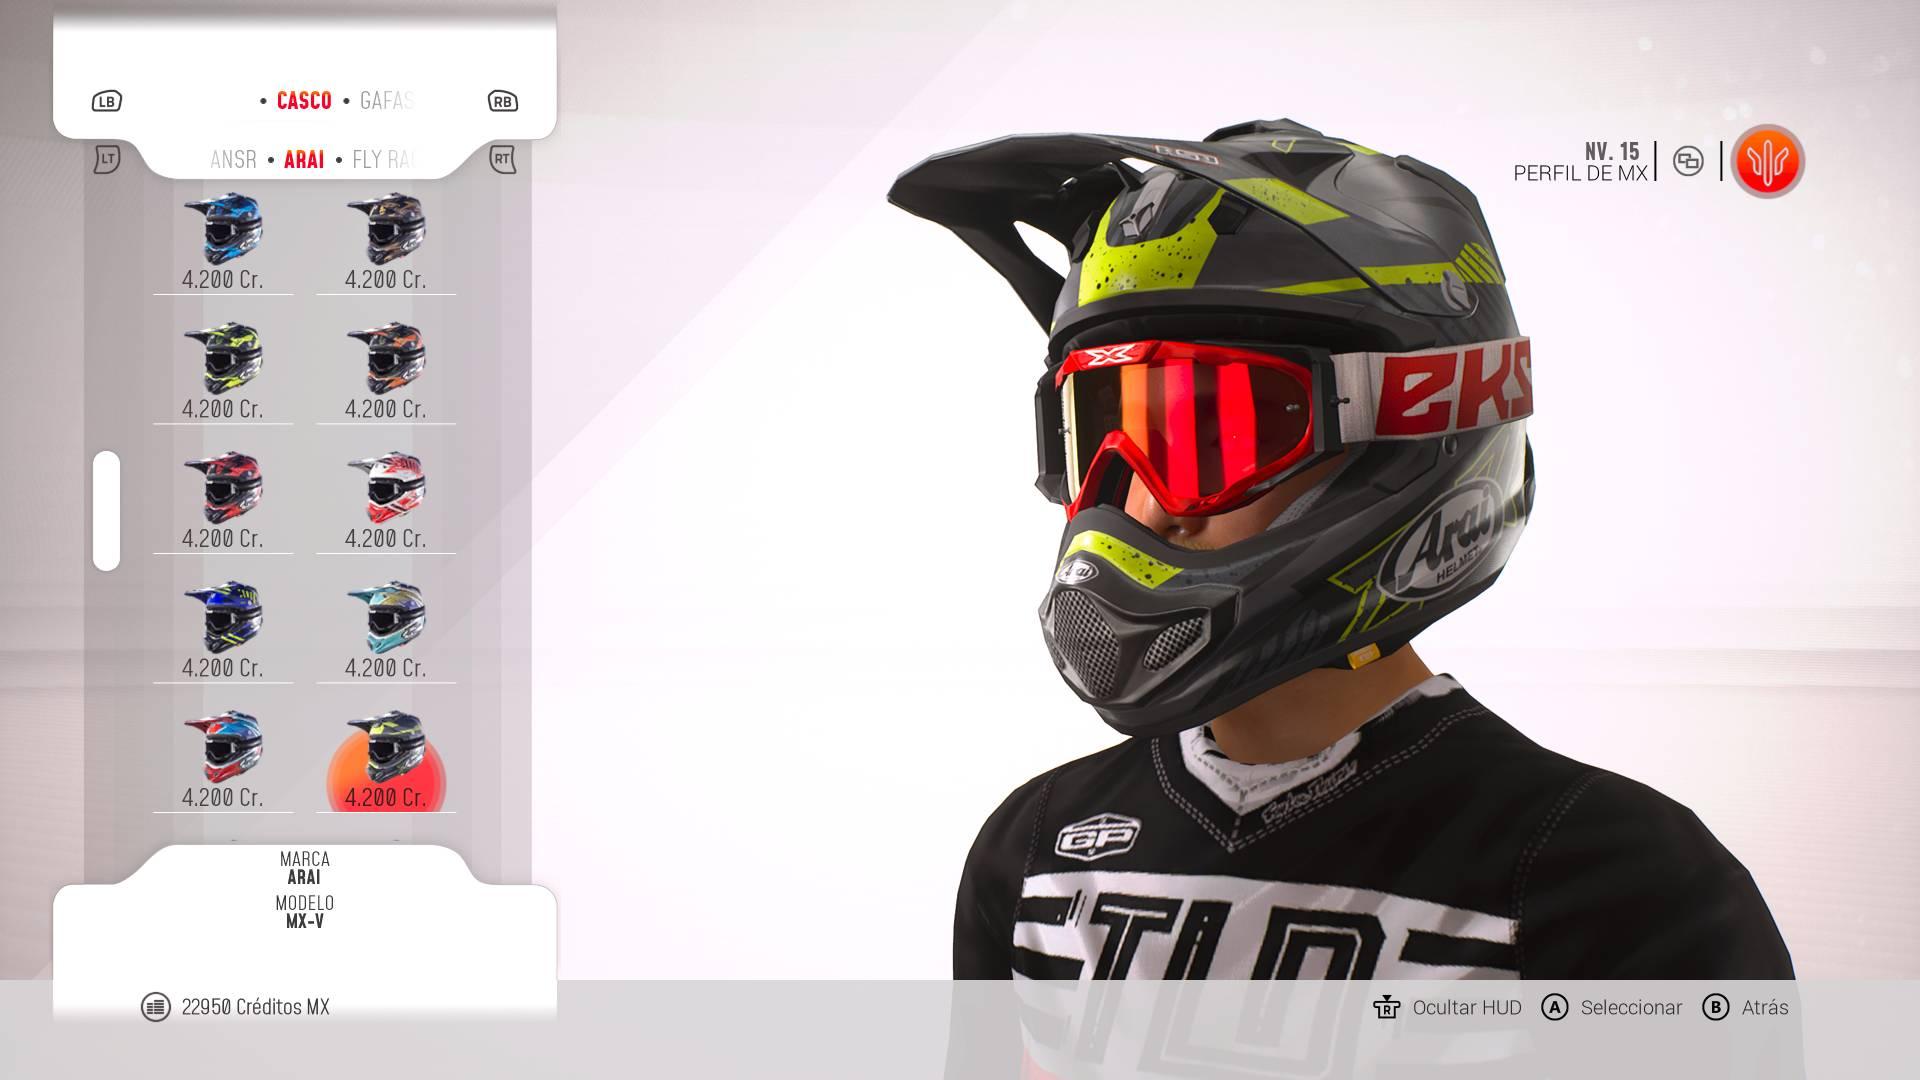 Análisis de MXGP 2019 - The Official Motocross Videogame